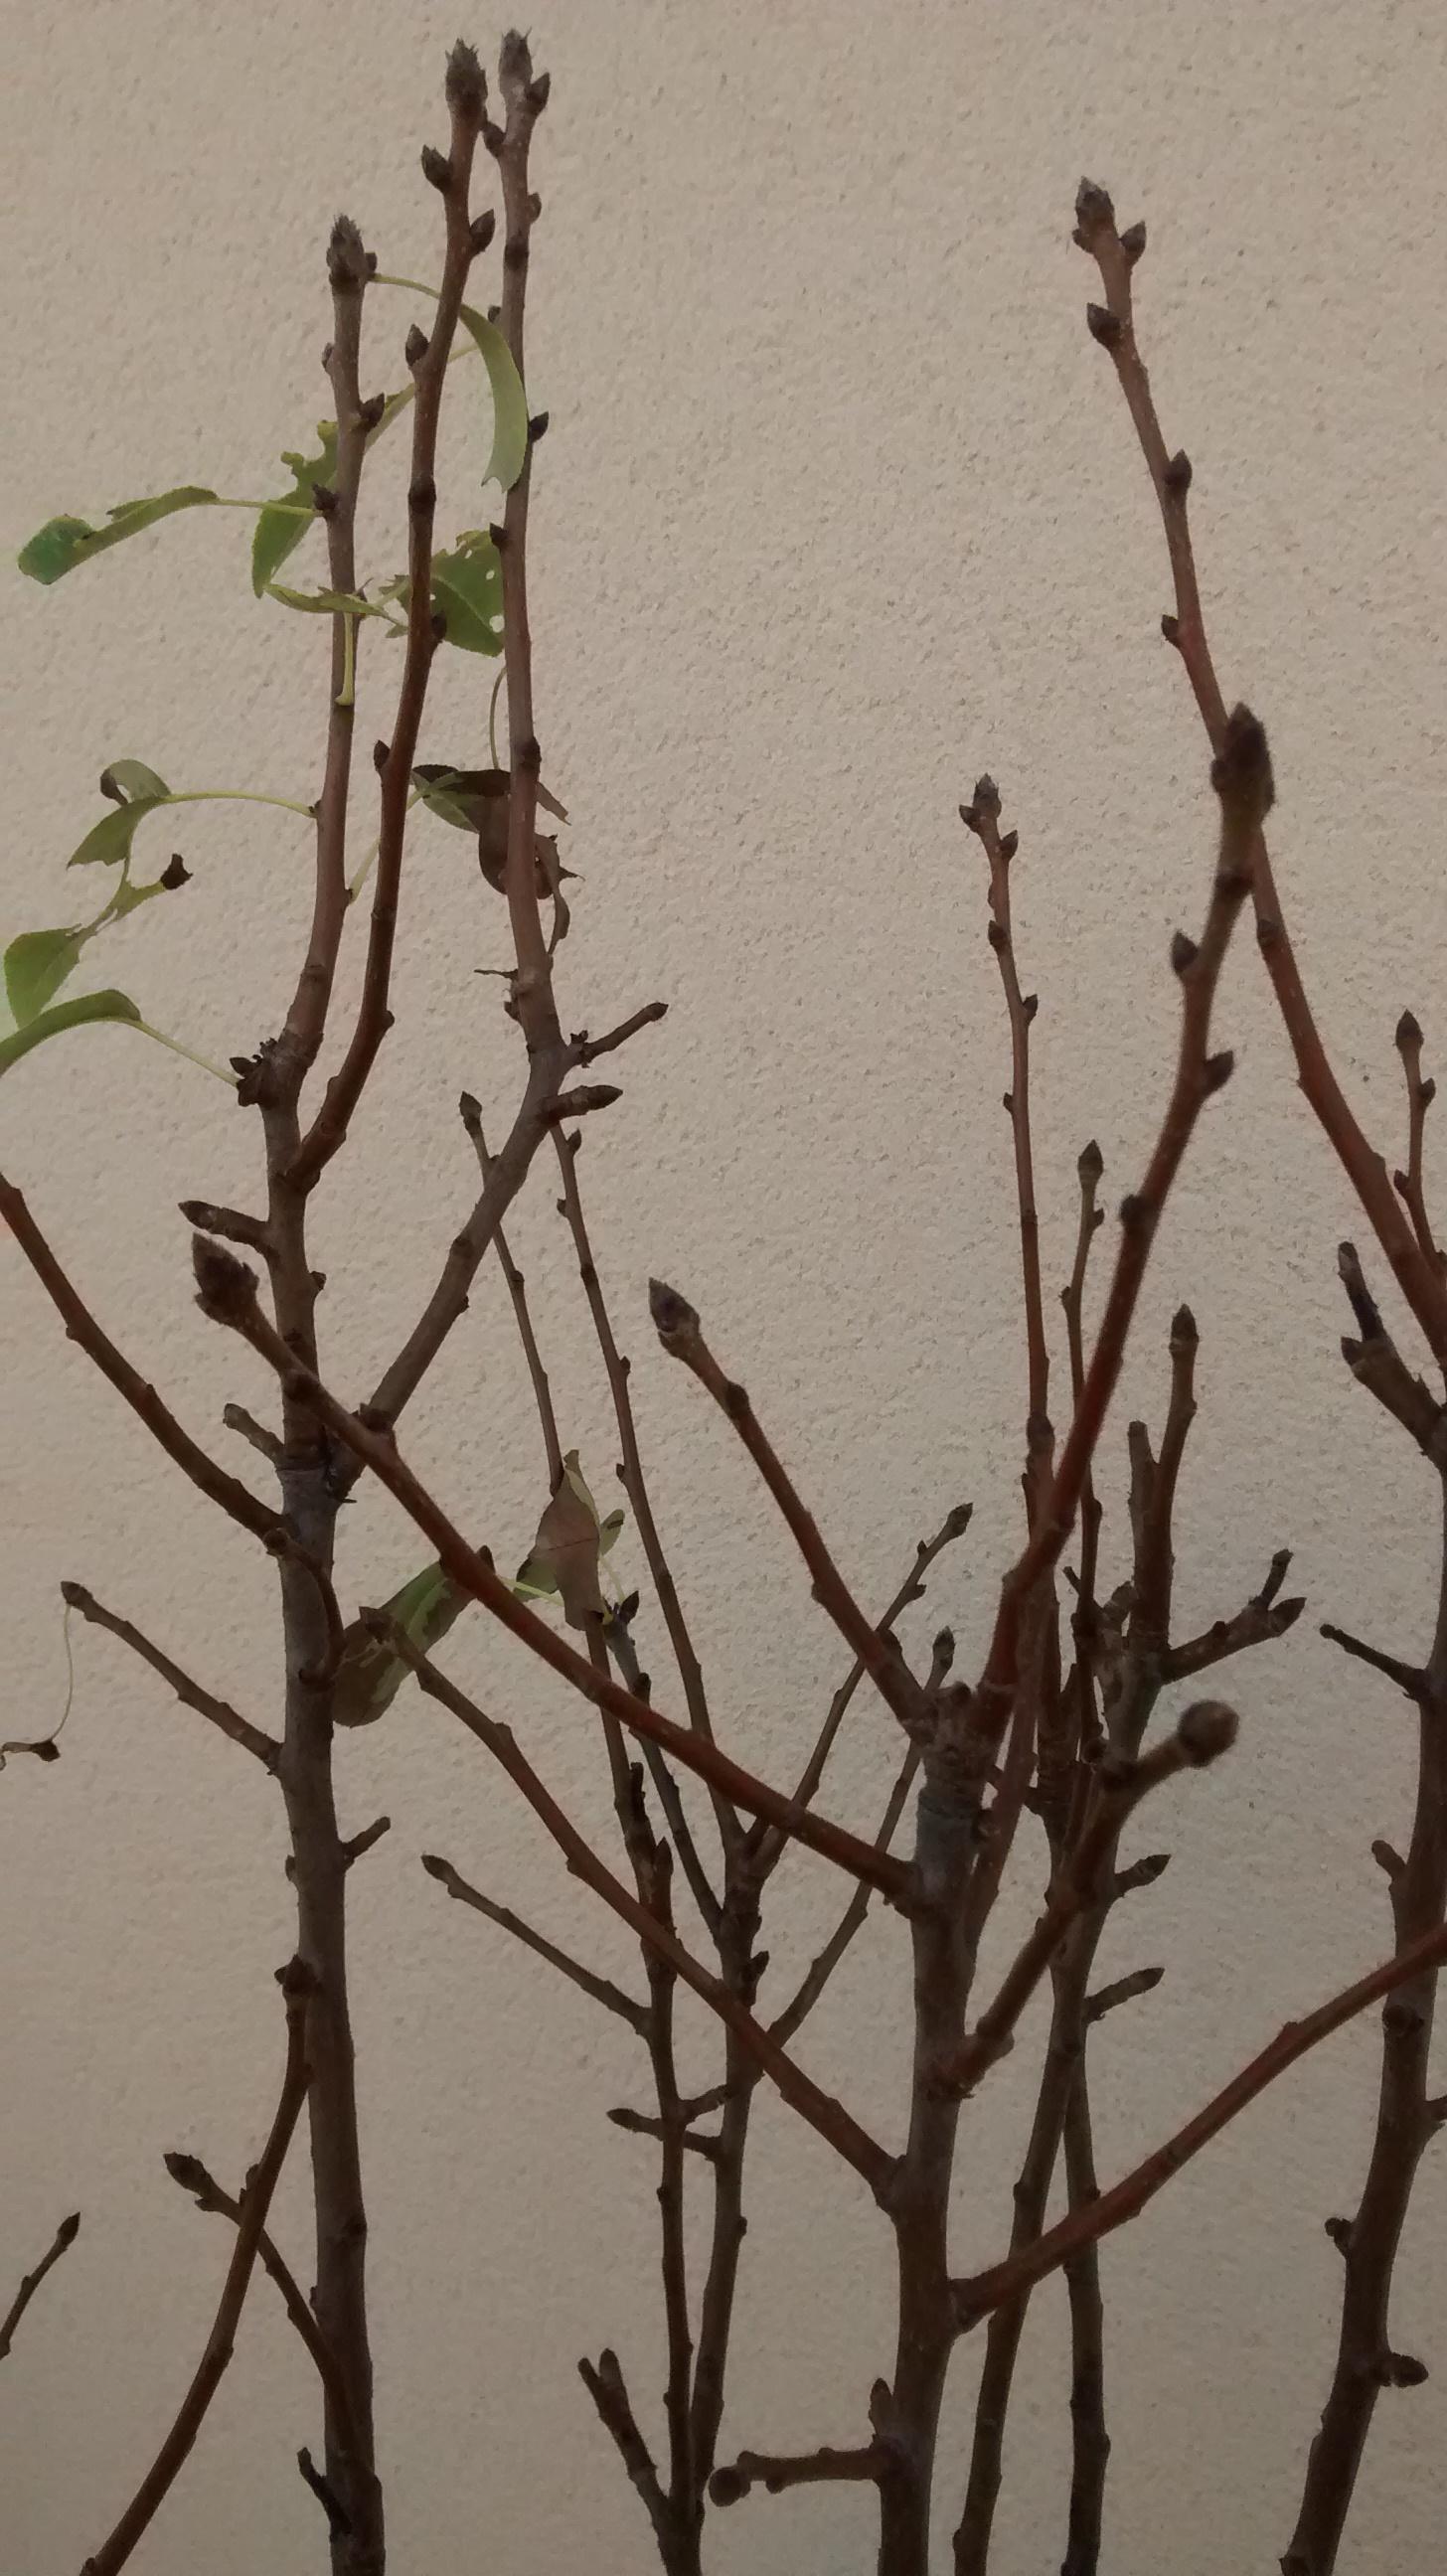 poirier chute des feuilles noires - au jardin, forum de jardinage